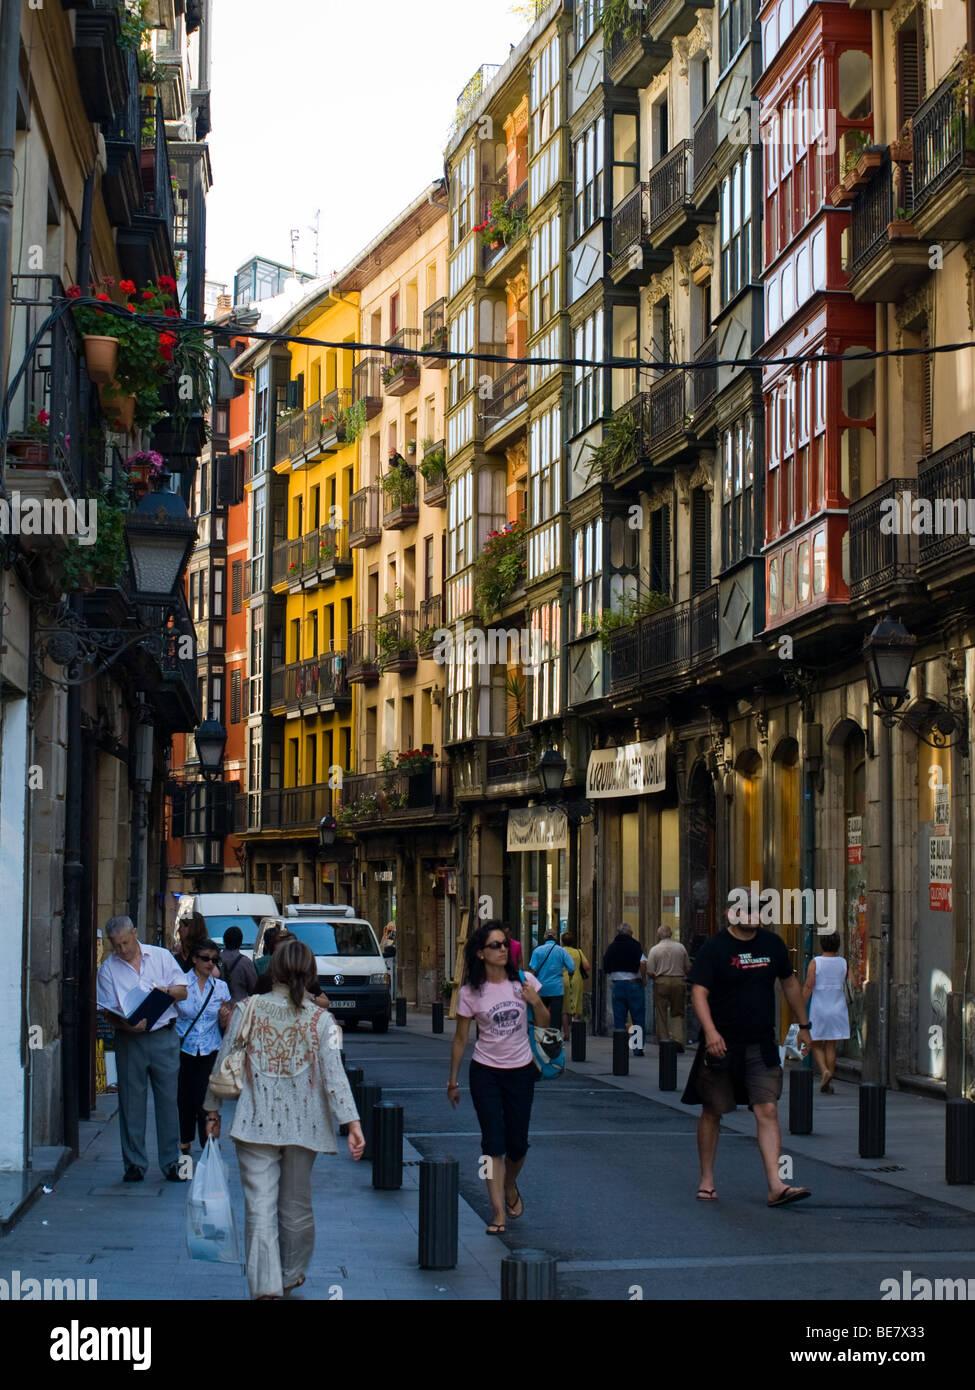 Una scena di strada dal Casco Viejo (Città Vecchia) Distretto di Bilbao, Spagna. Immagini Stock